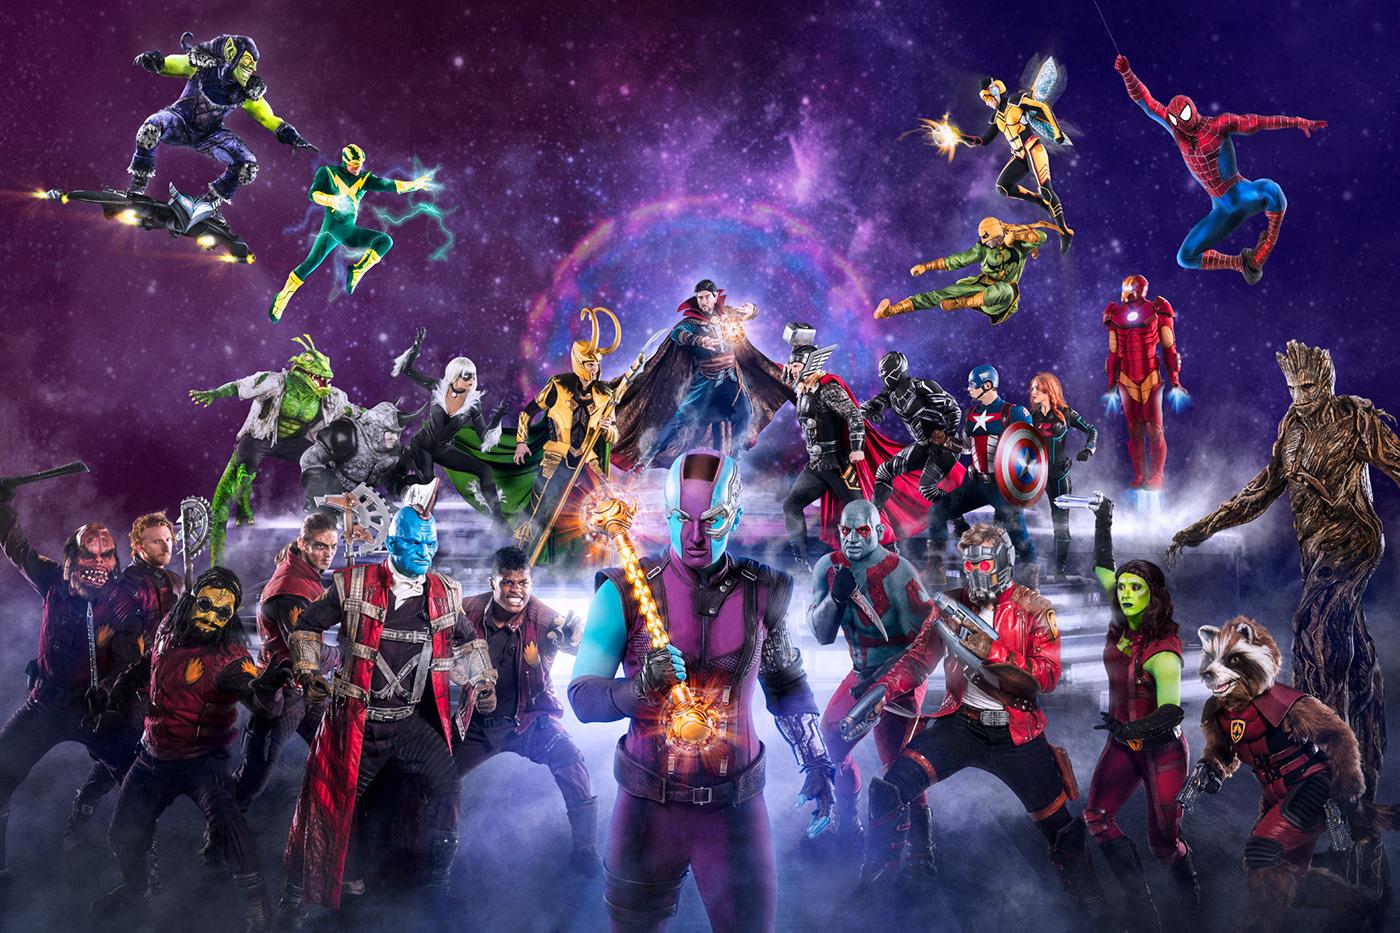 Картинки супергероев вселенной марвел